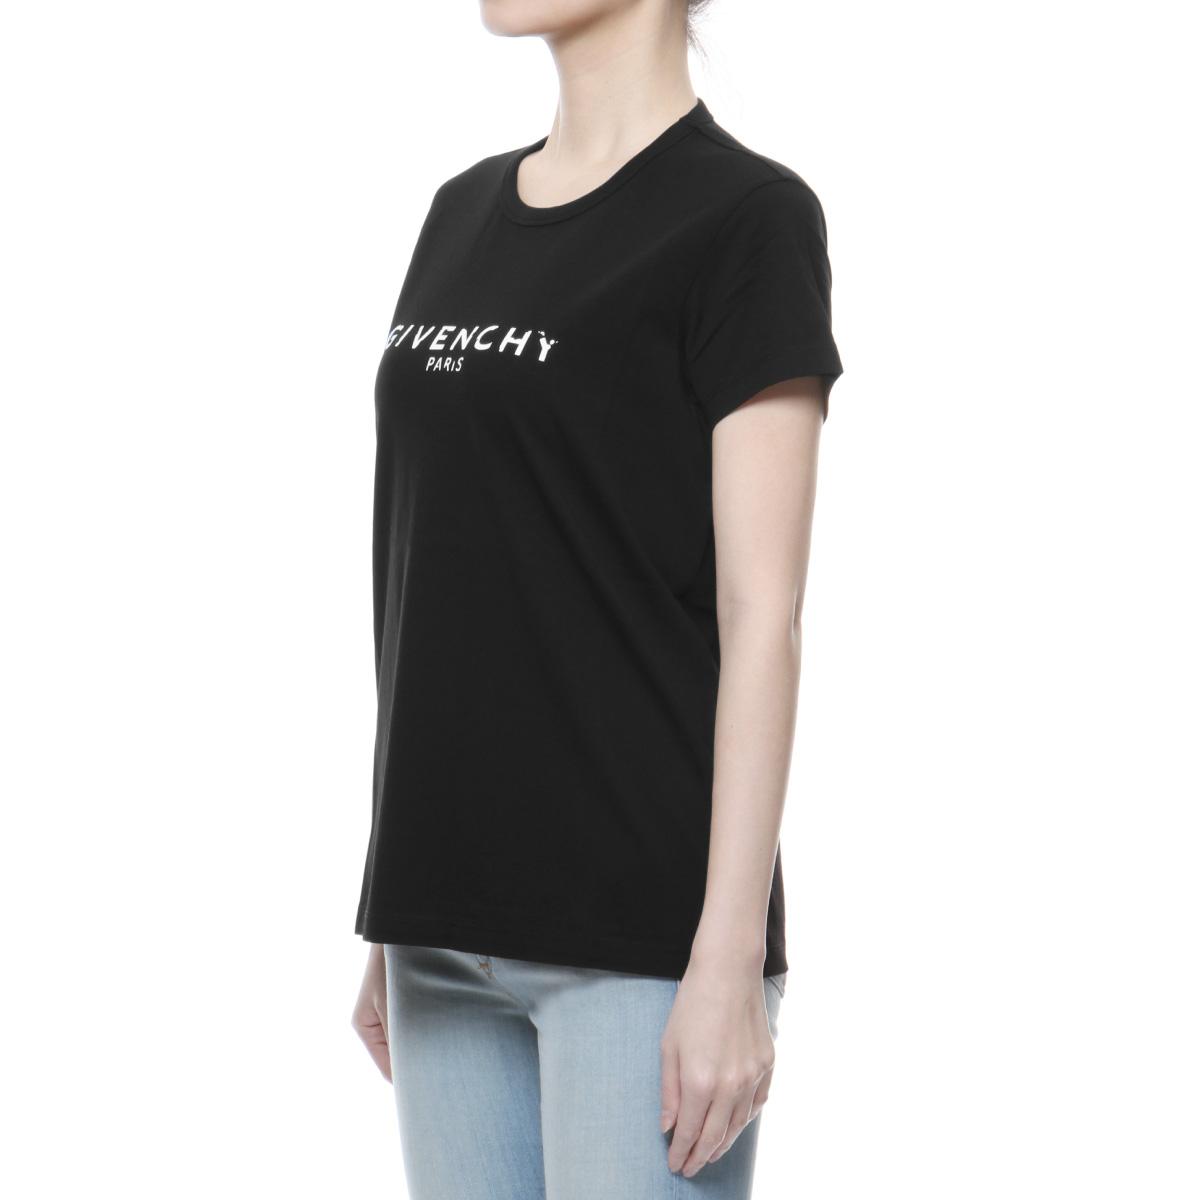 GIVENCHY ジバンシー | 半袖Tシャツ